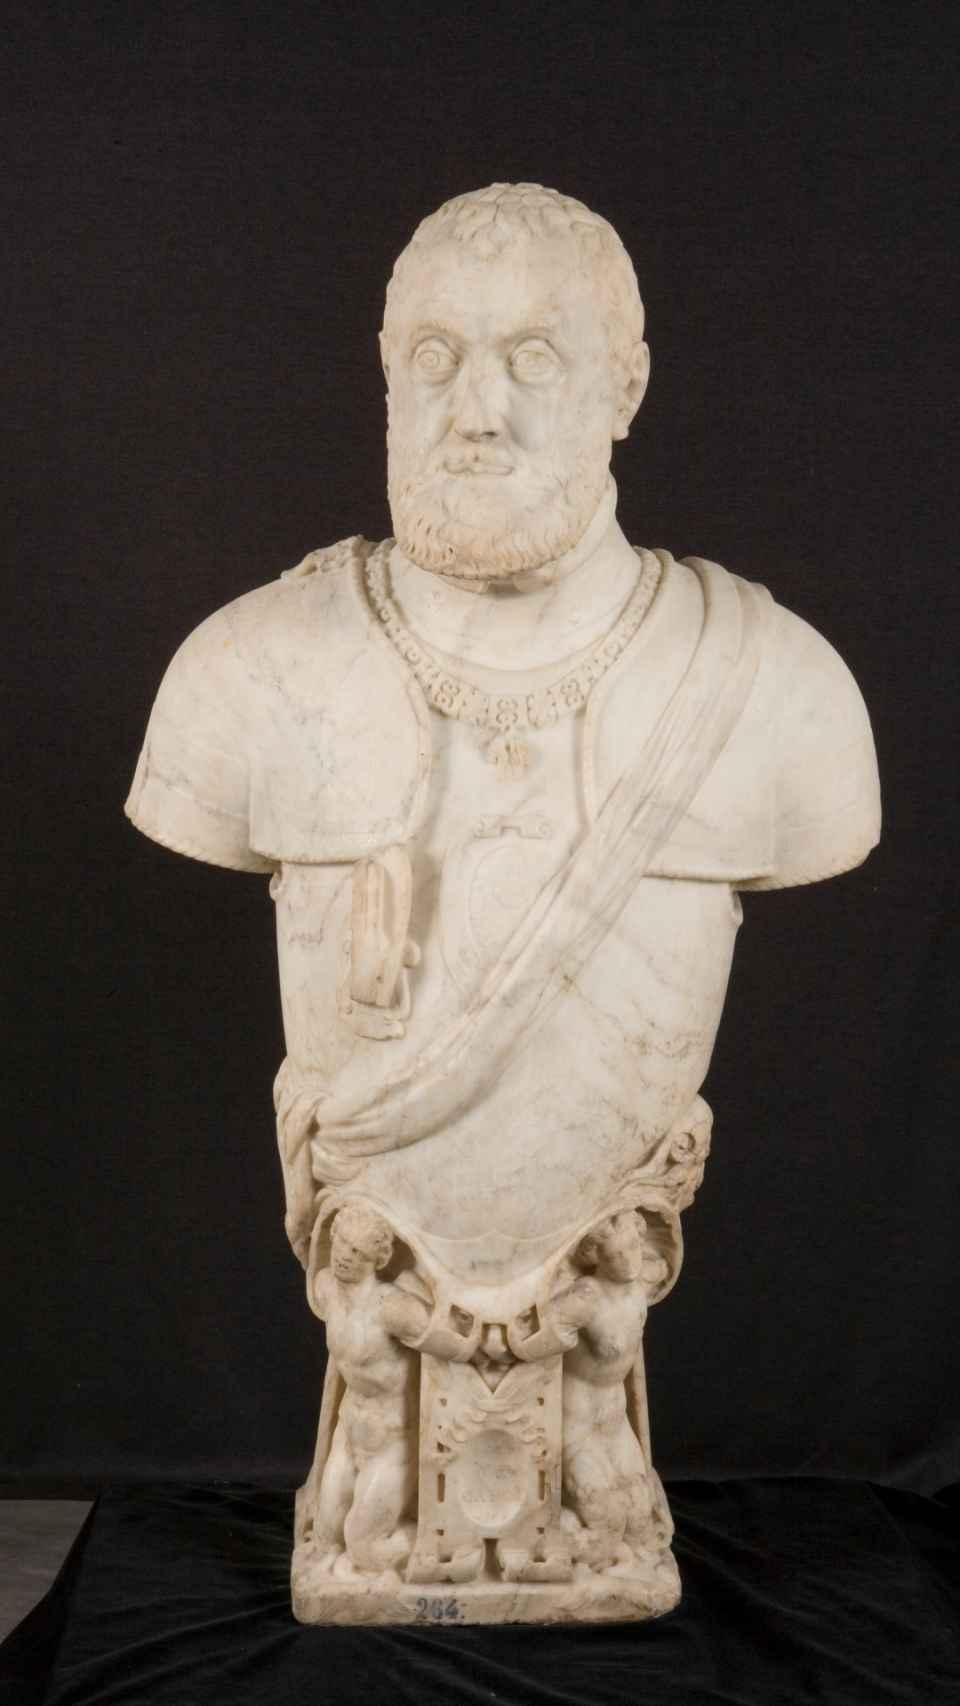 Busto de mármol de Carrara del Museo del Prado, realizado por los Leoni al tiempo que la que se vende ahora.